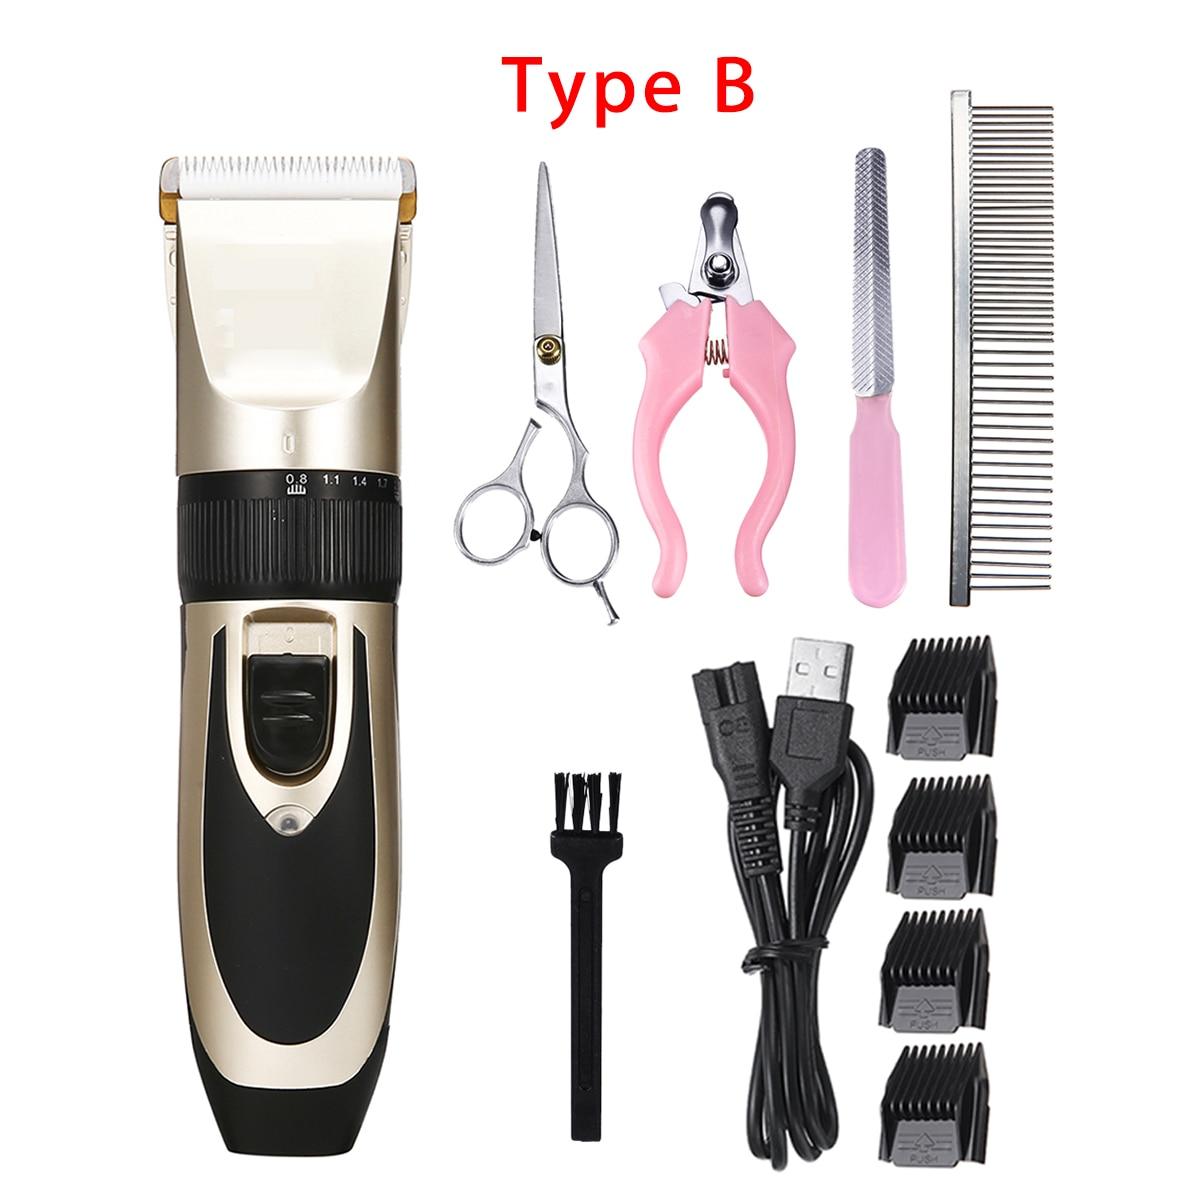 Электрический триммер для волос для домашних животных перезаряжаемый машинка для стрижки волос для домашних животных, собак, кошек с низким уровнем шума машинка для стрижки волос набор бритв+ Запасное лезвие